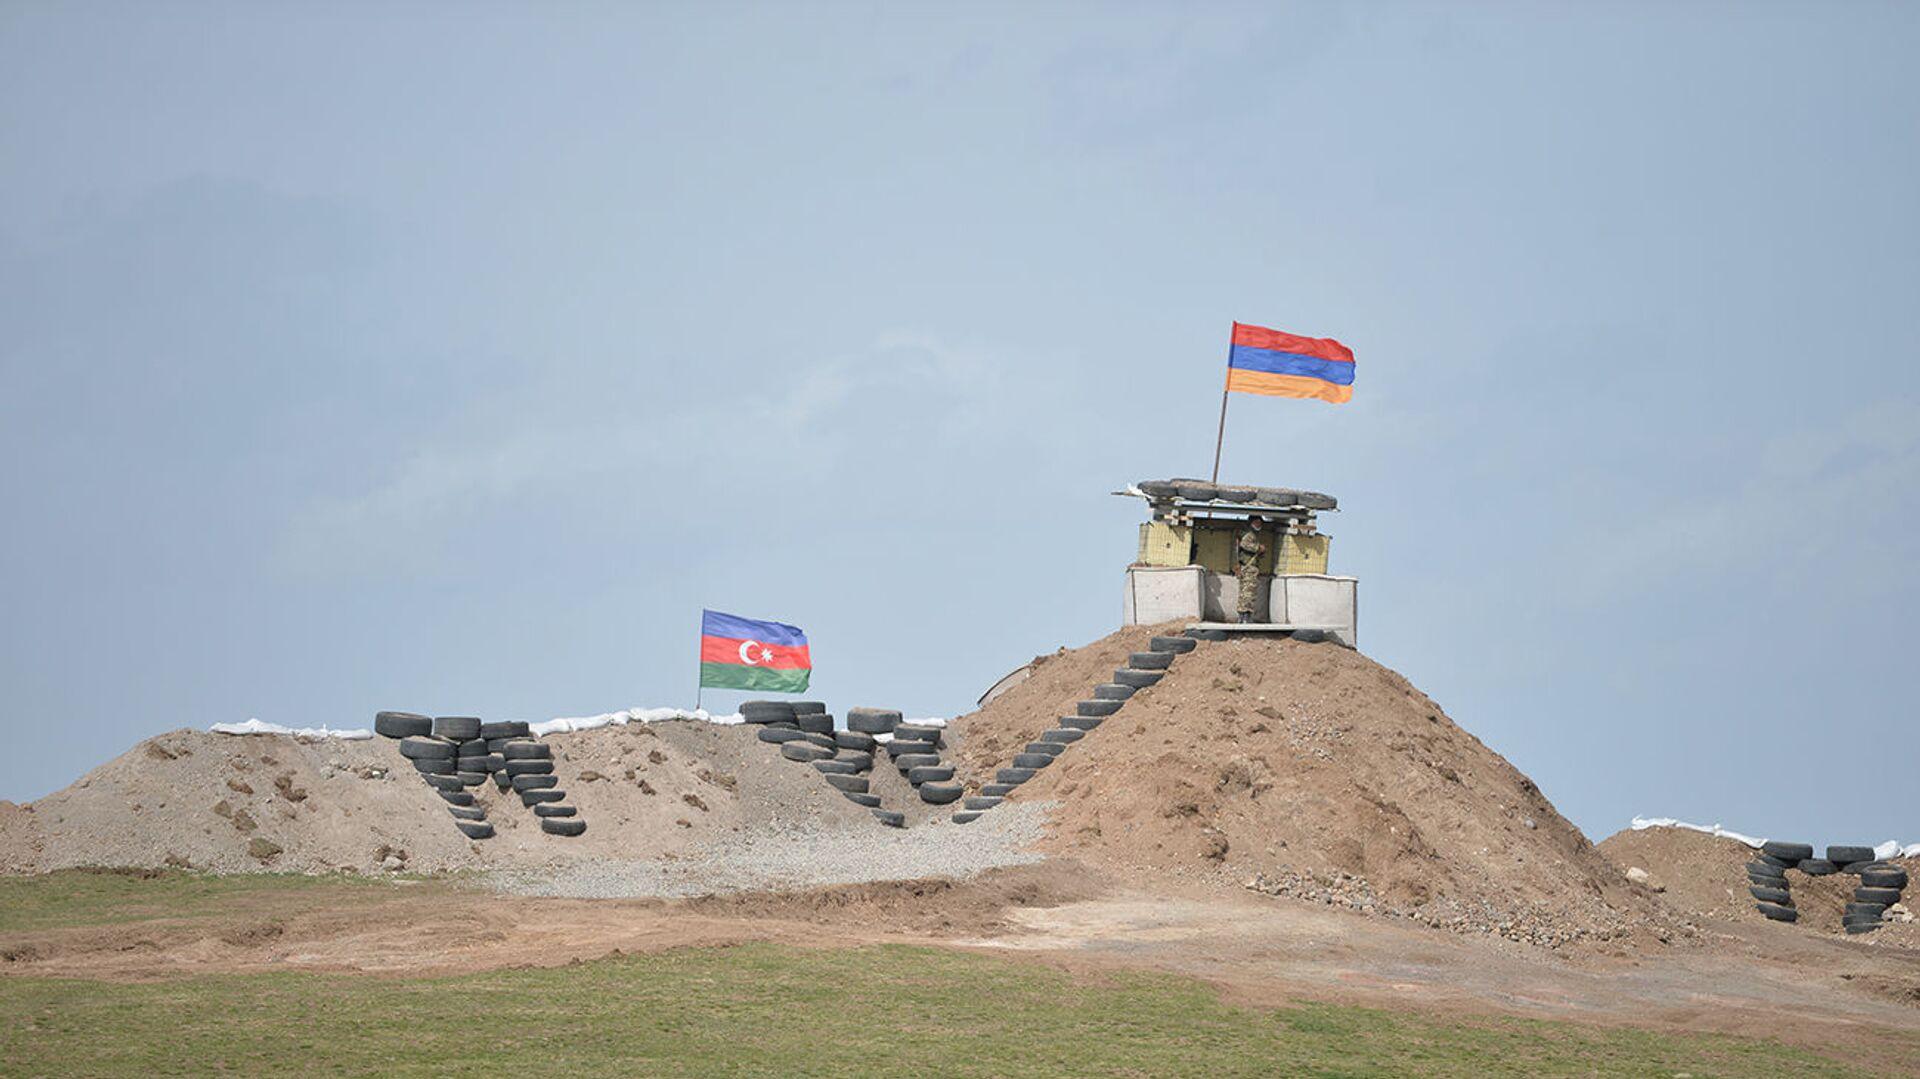 Военные посты на армянсо-азербайджанской границе - Sputnik Армения, 1920, 21.07.2021